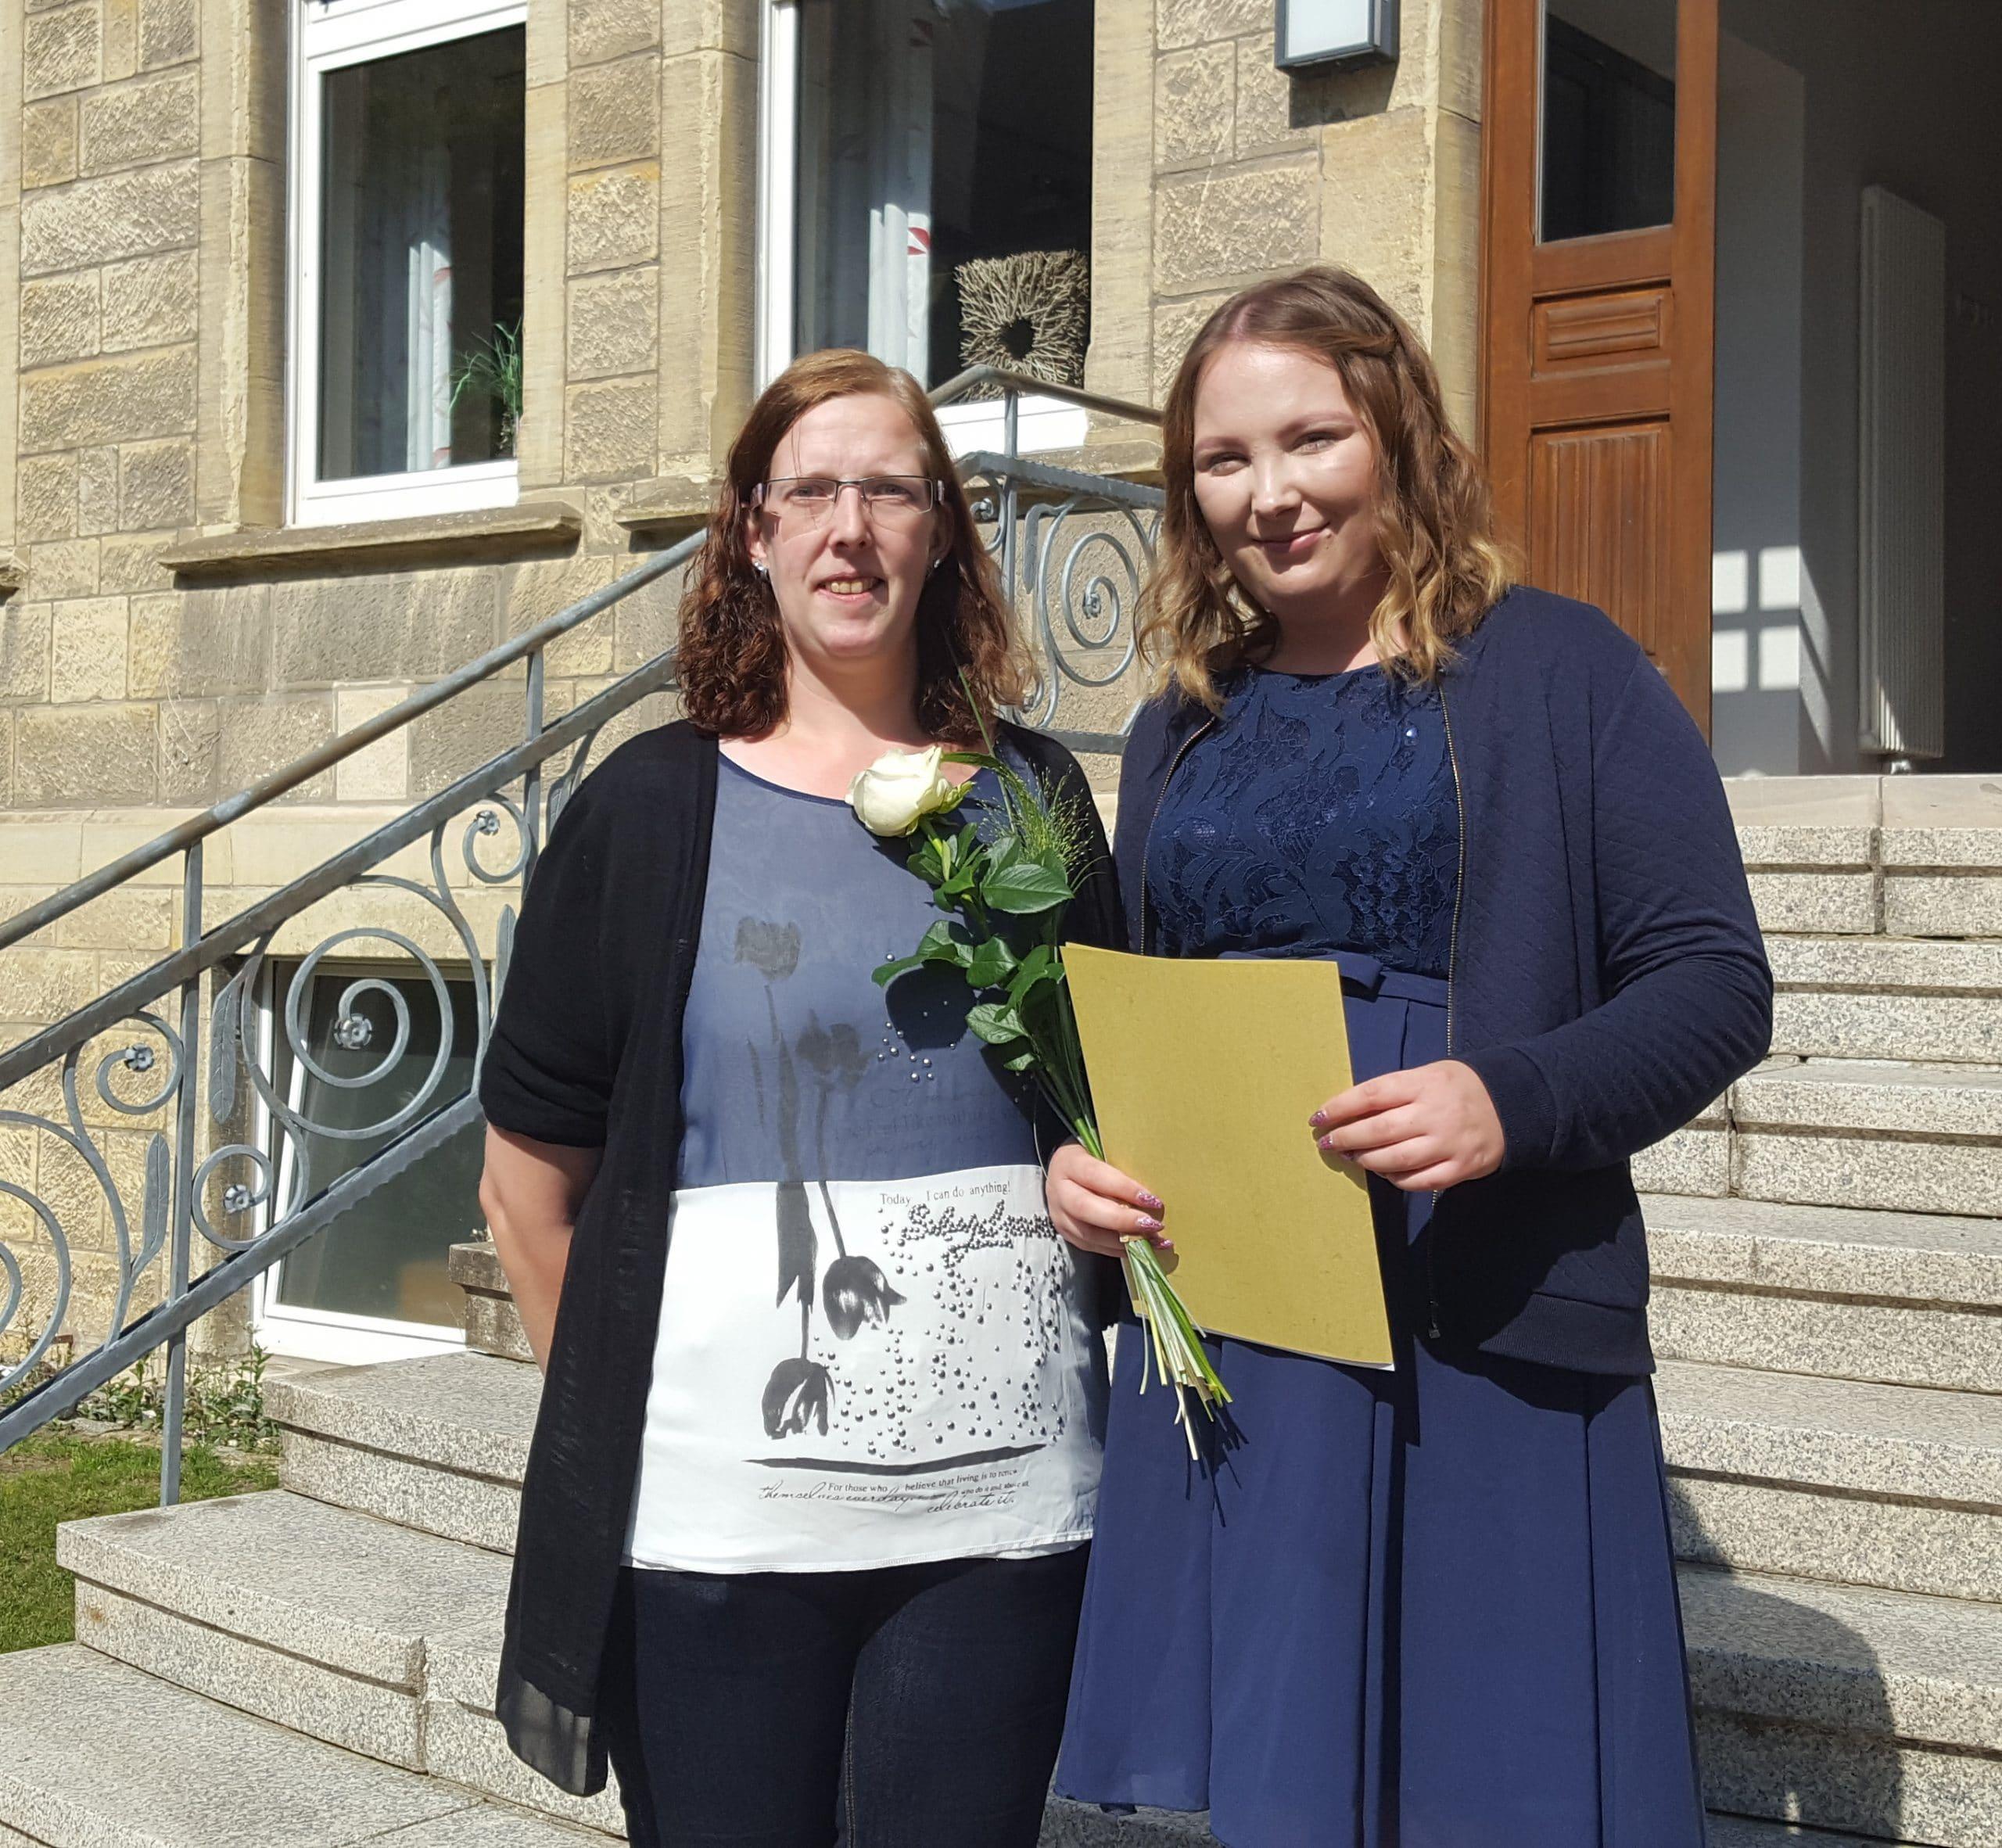 Das St.-Elisabeth-Stift gratuliert Louisa Mersmann zur bestandenen Prüfung